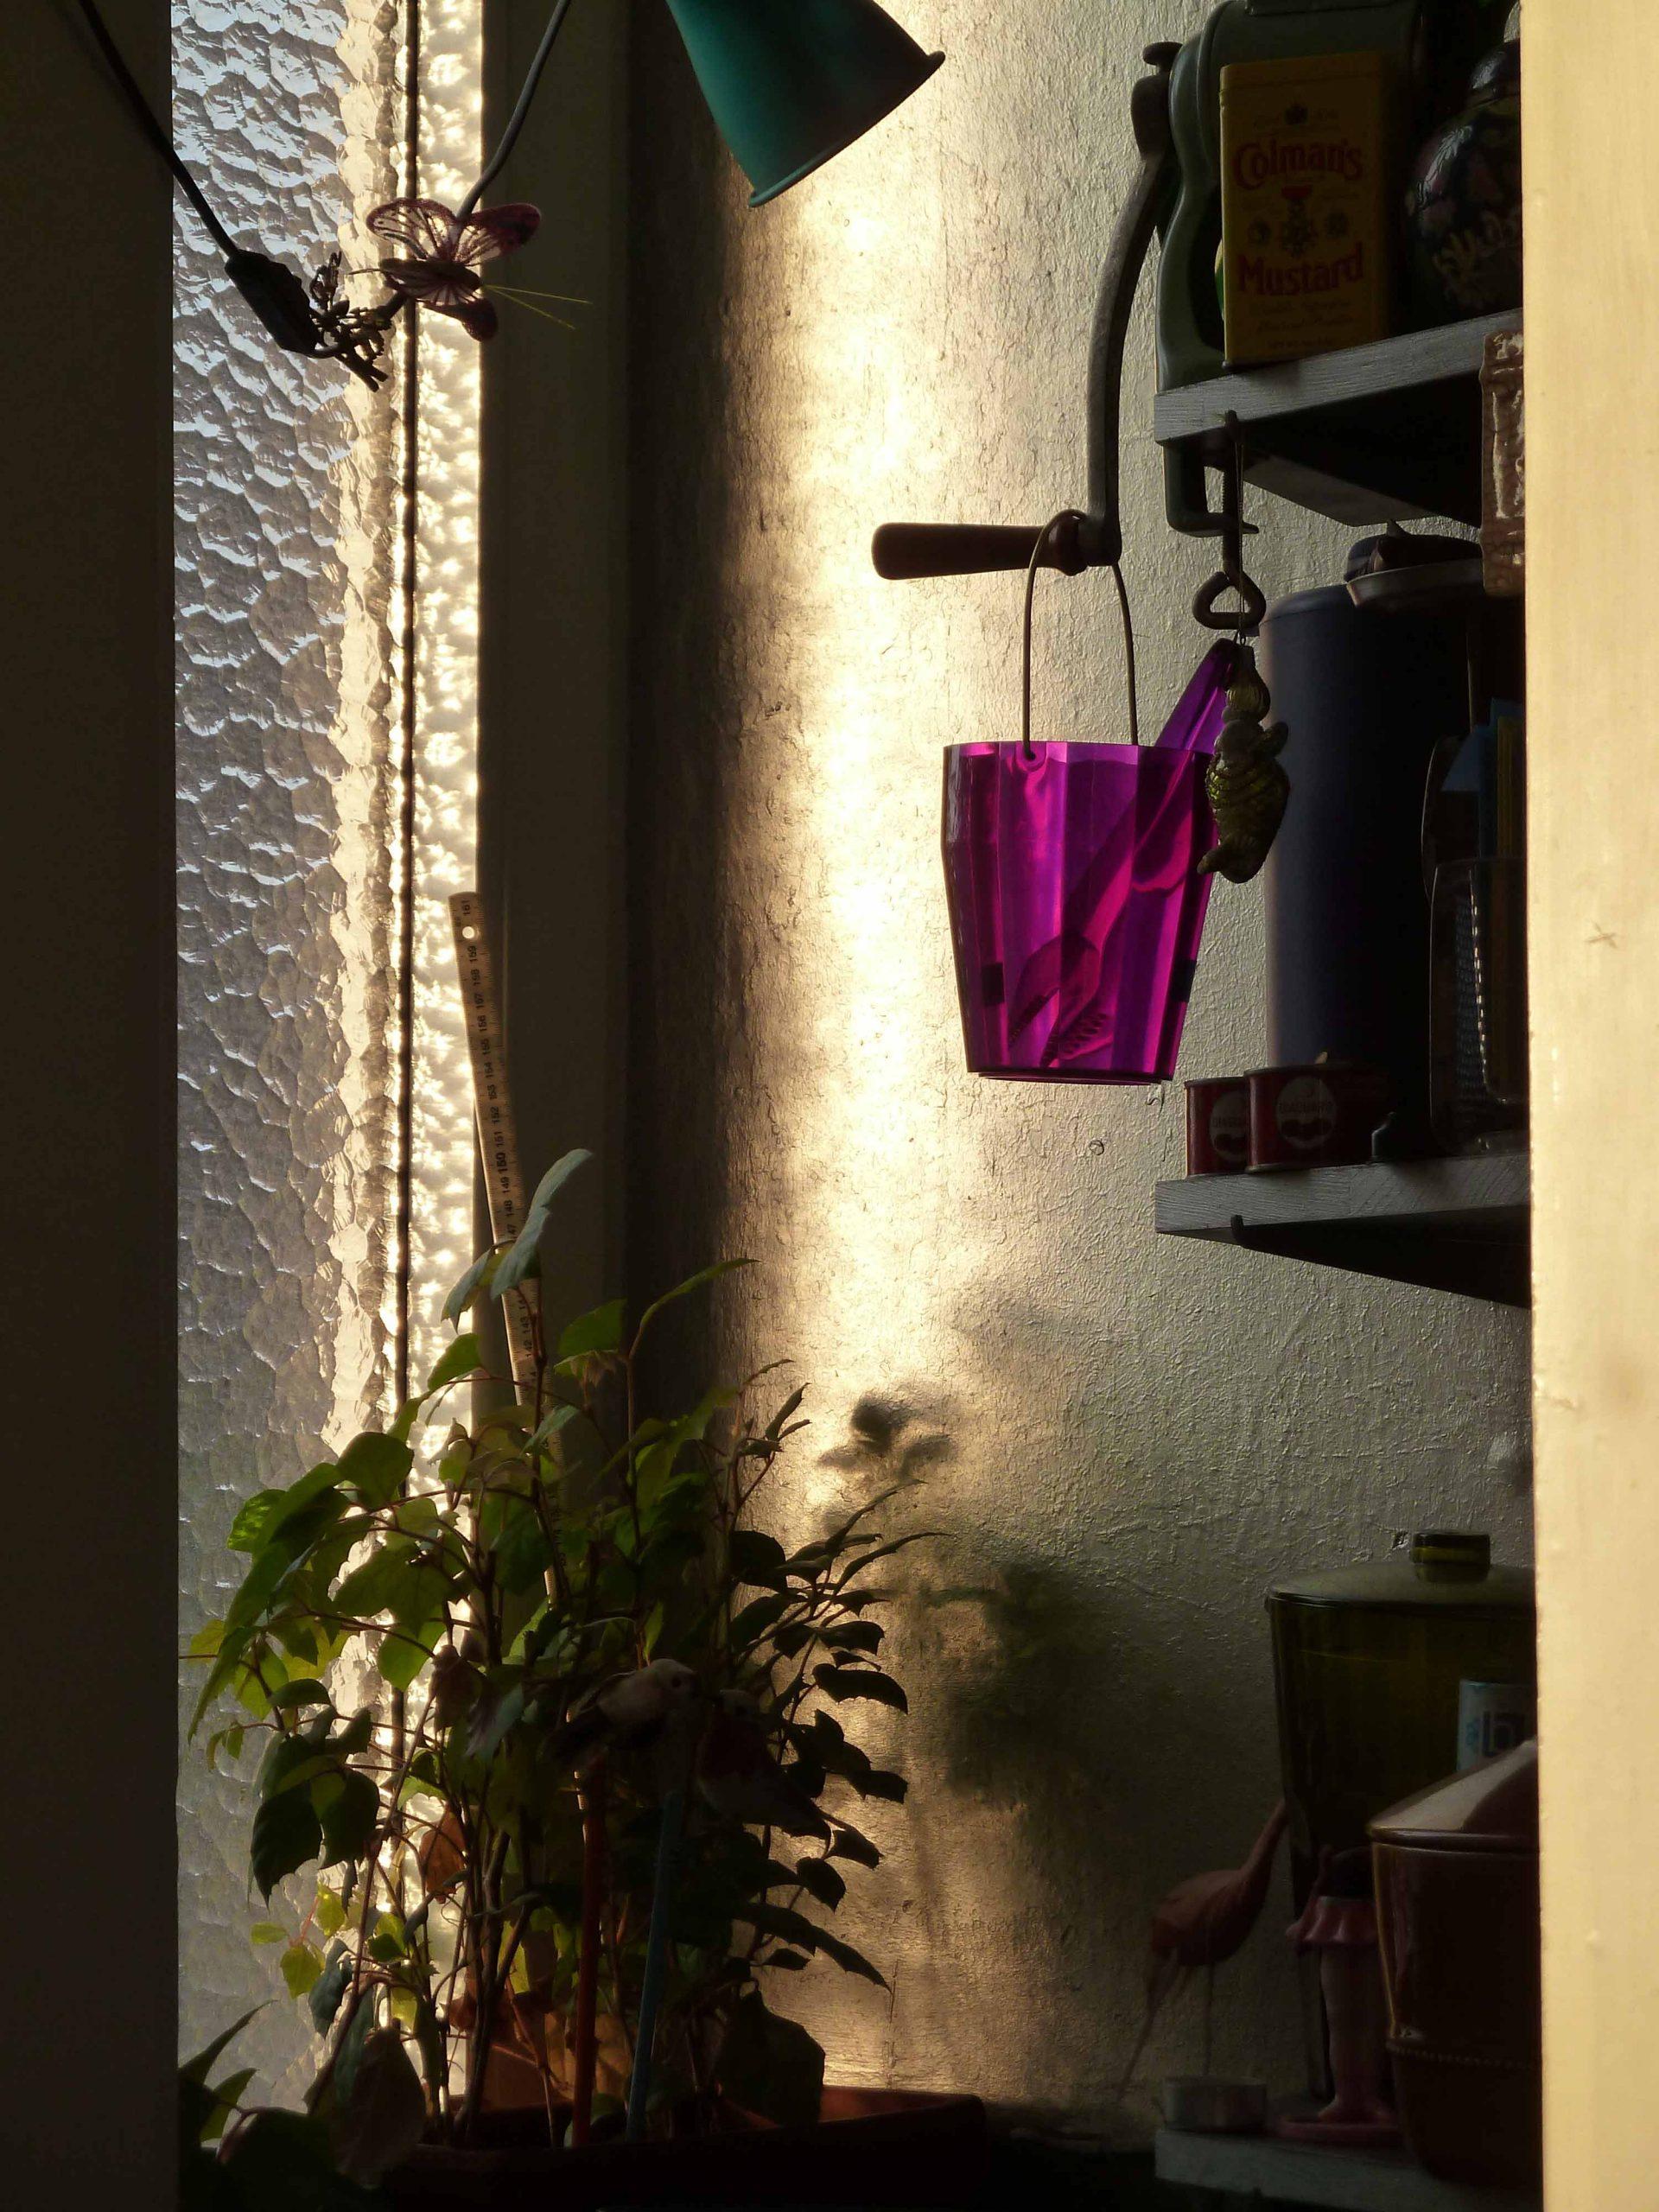 Abendstimmung das Fenster der Speisekammer im Abandlicht